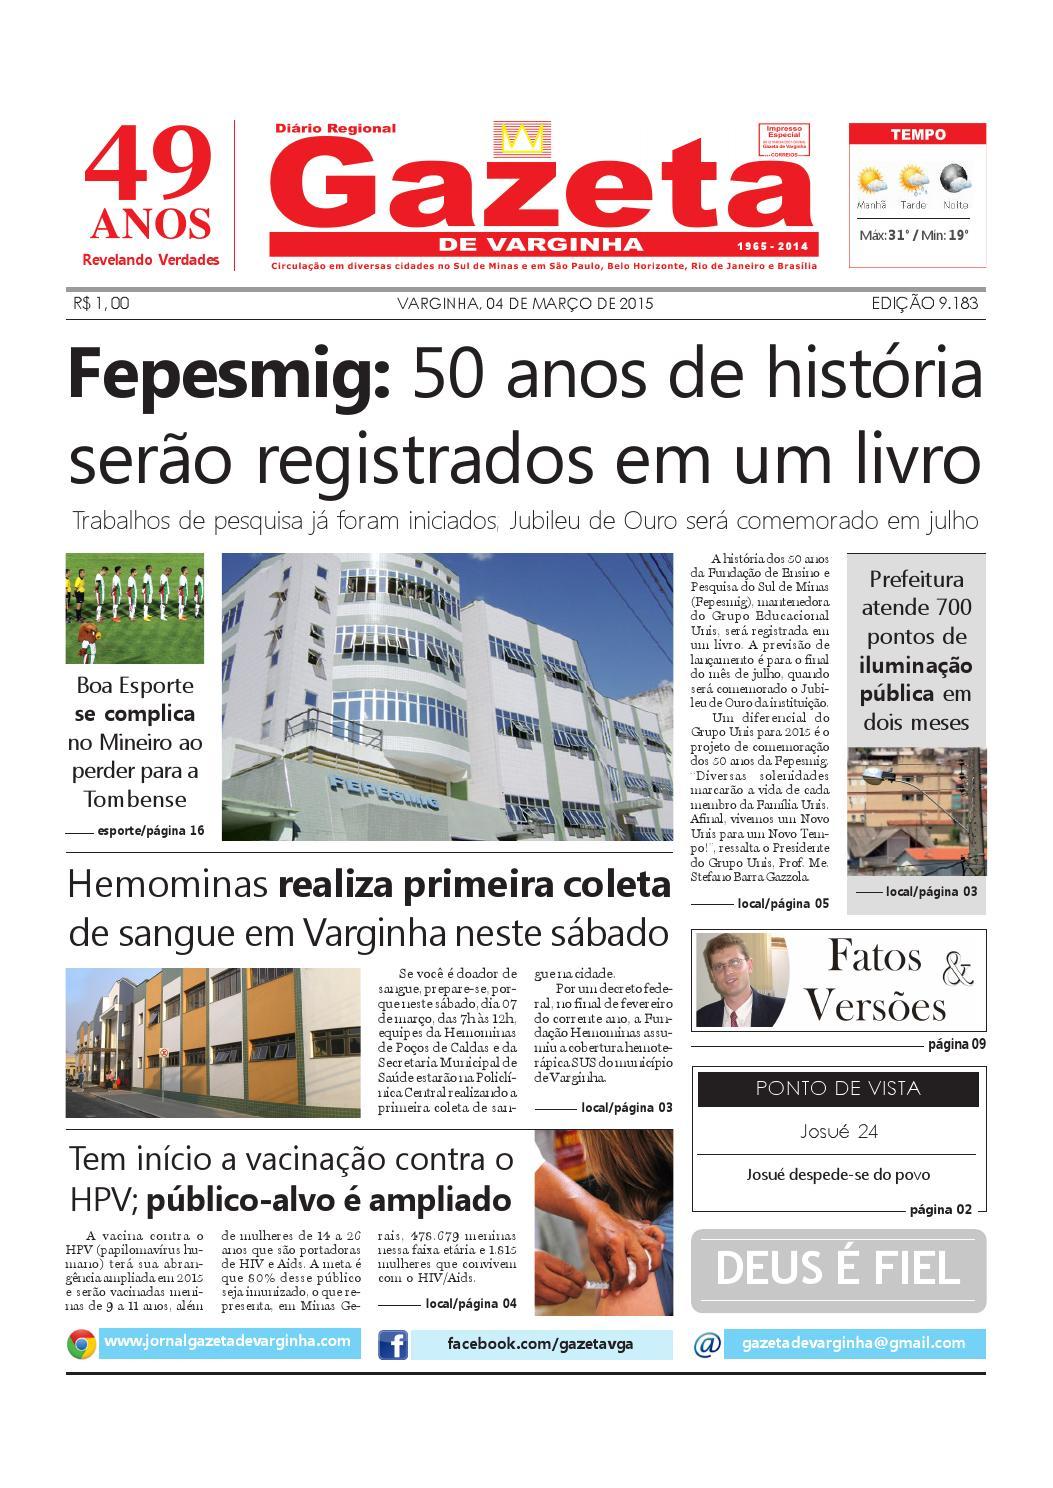 Gazeta de Varginha - 04 03 2015 by Gazeta de Varginha - issuu 30b5e4be33